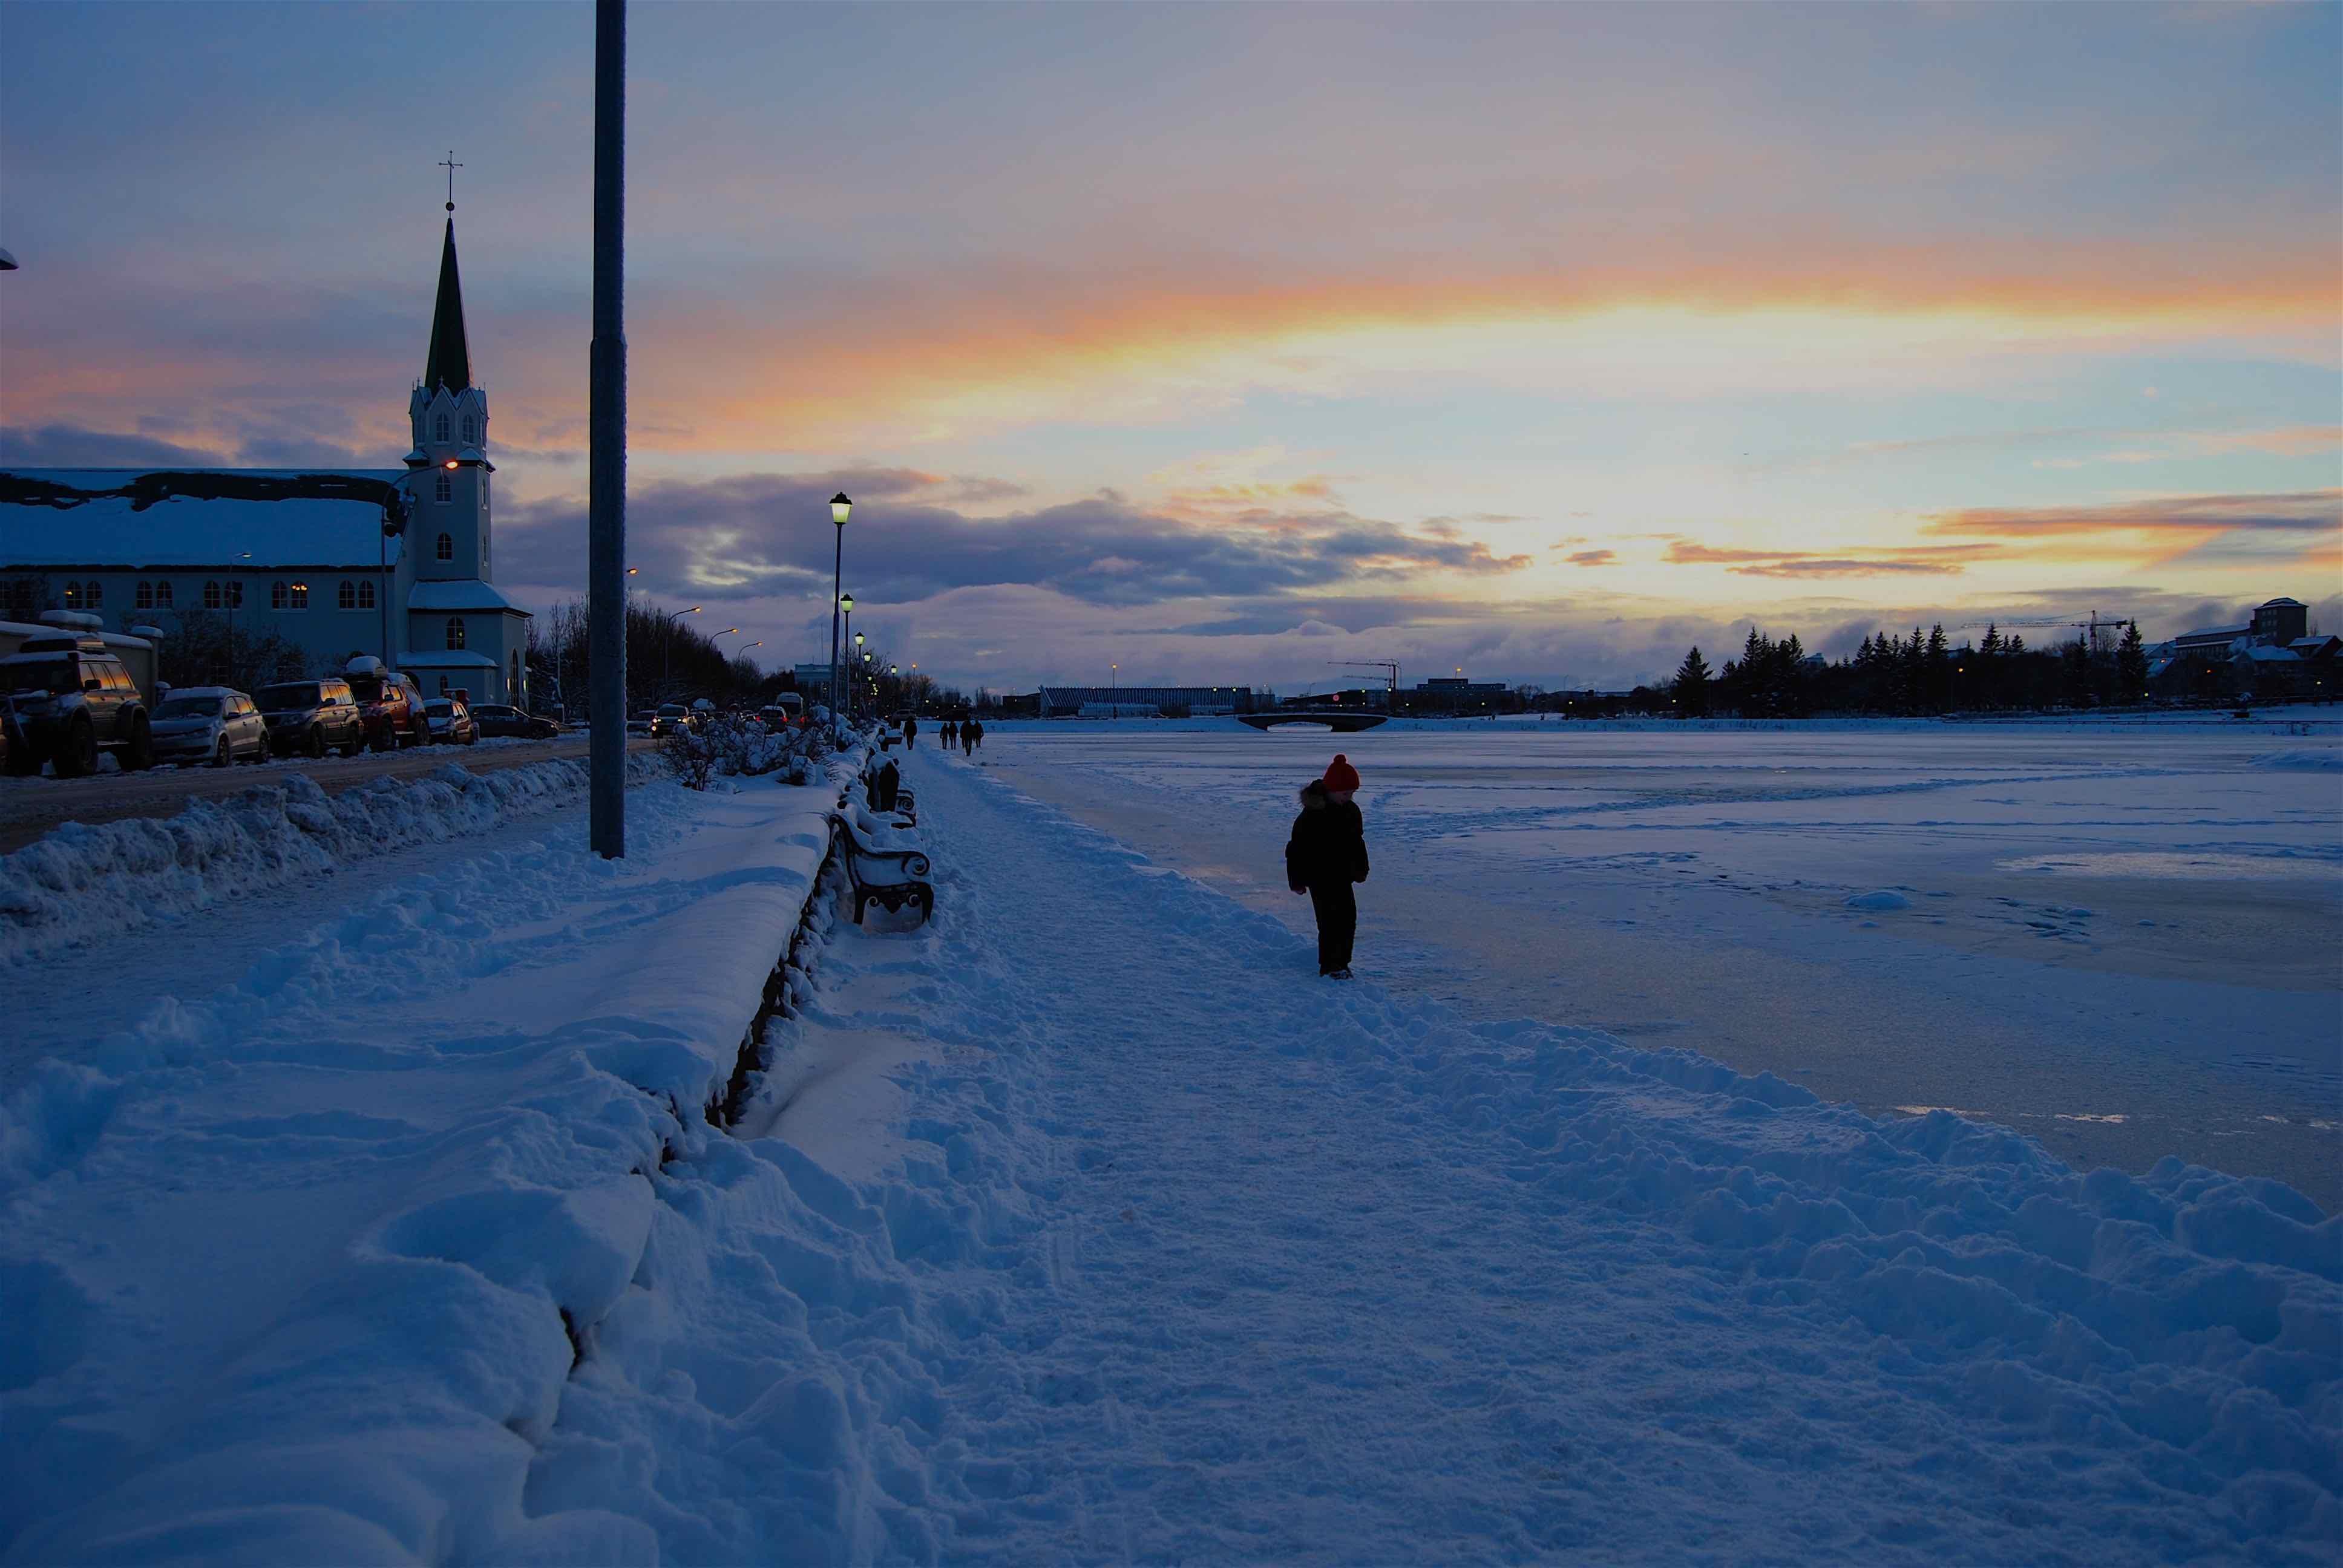 Visita Reikiavik en invierno y sumérgete en un país maravilloso de nieve y hielo.